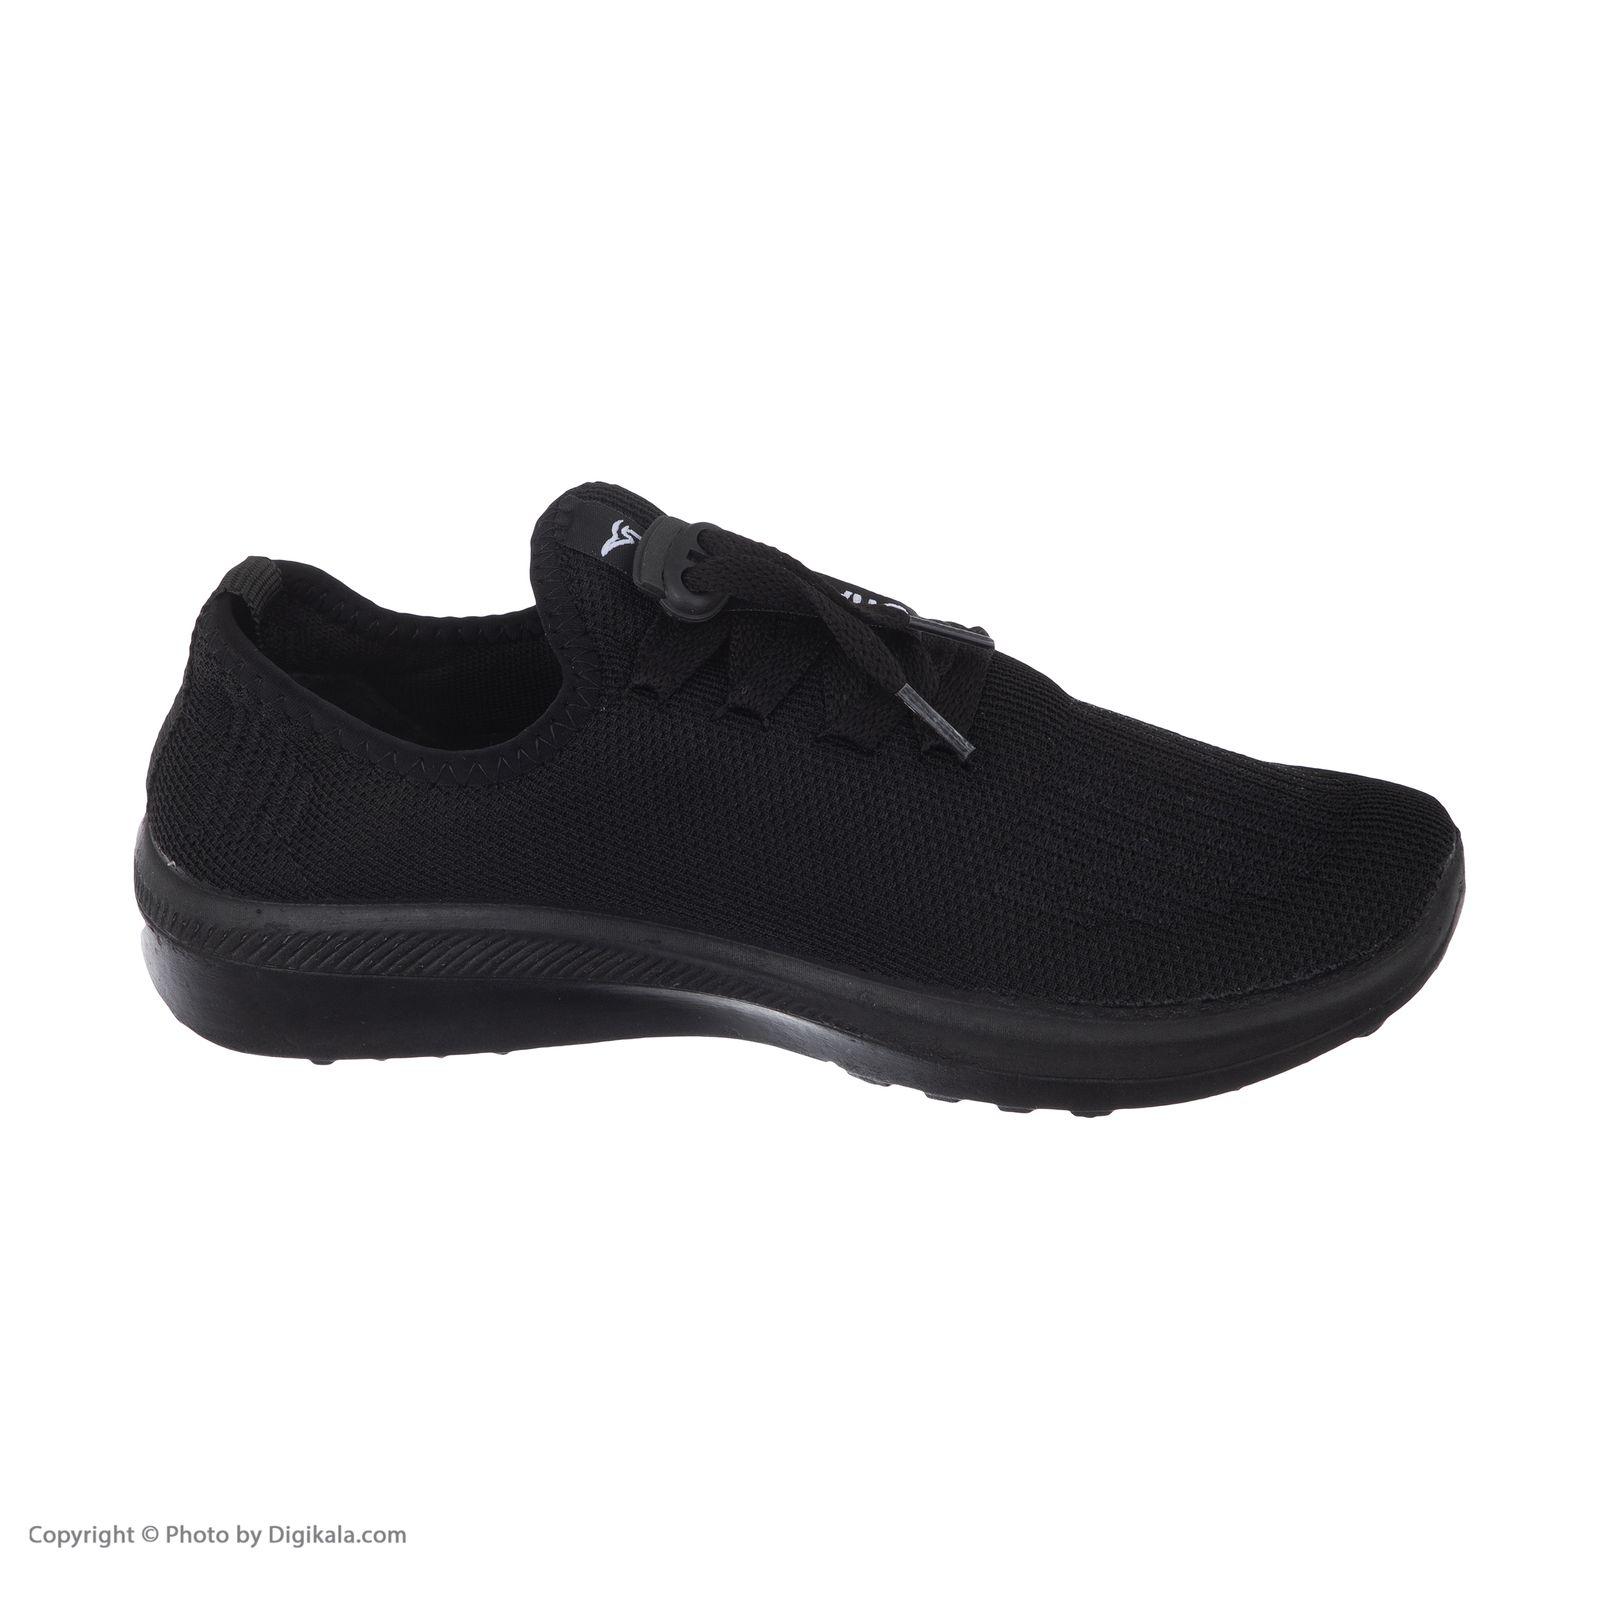 کفش راحتی چابک مدل آرشام رنگ مشکی -  - 5